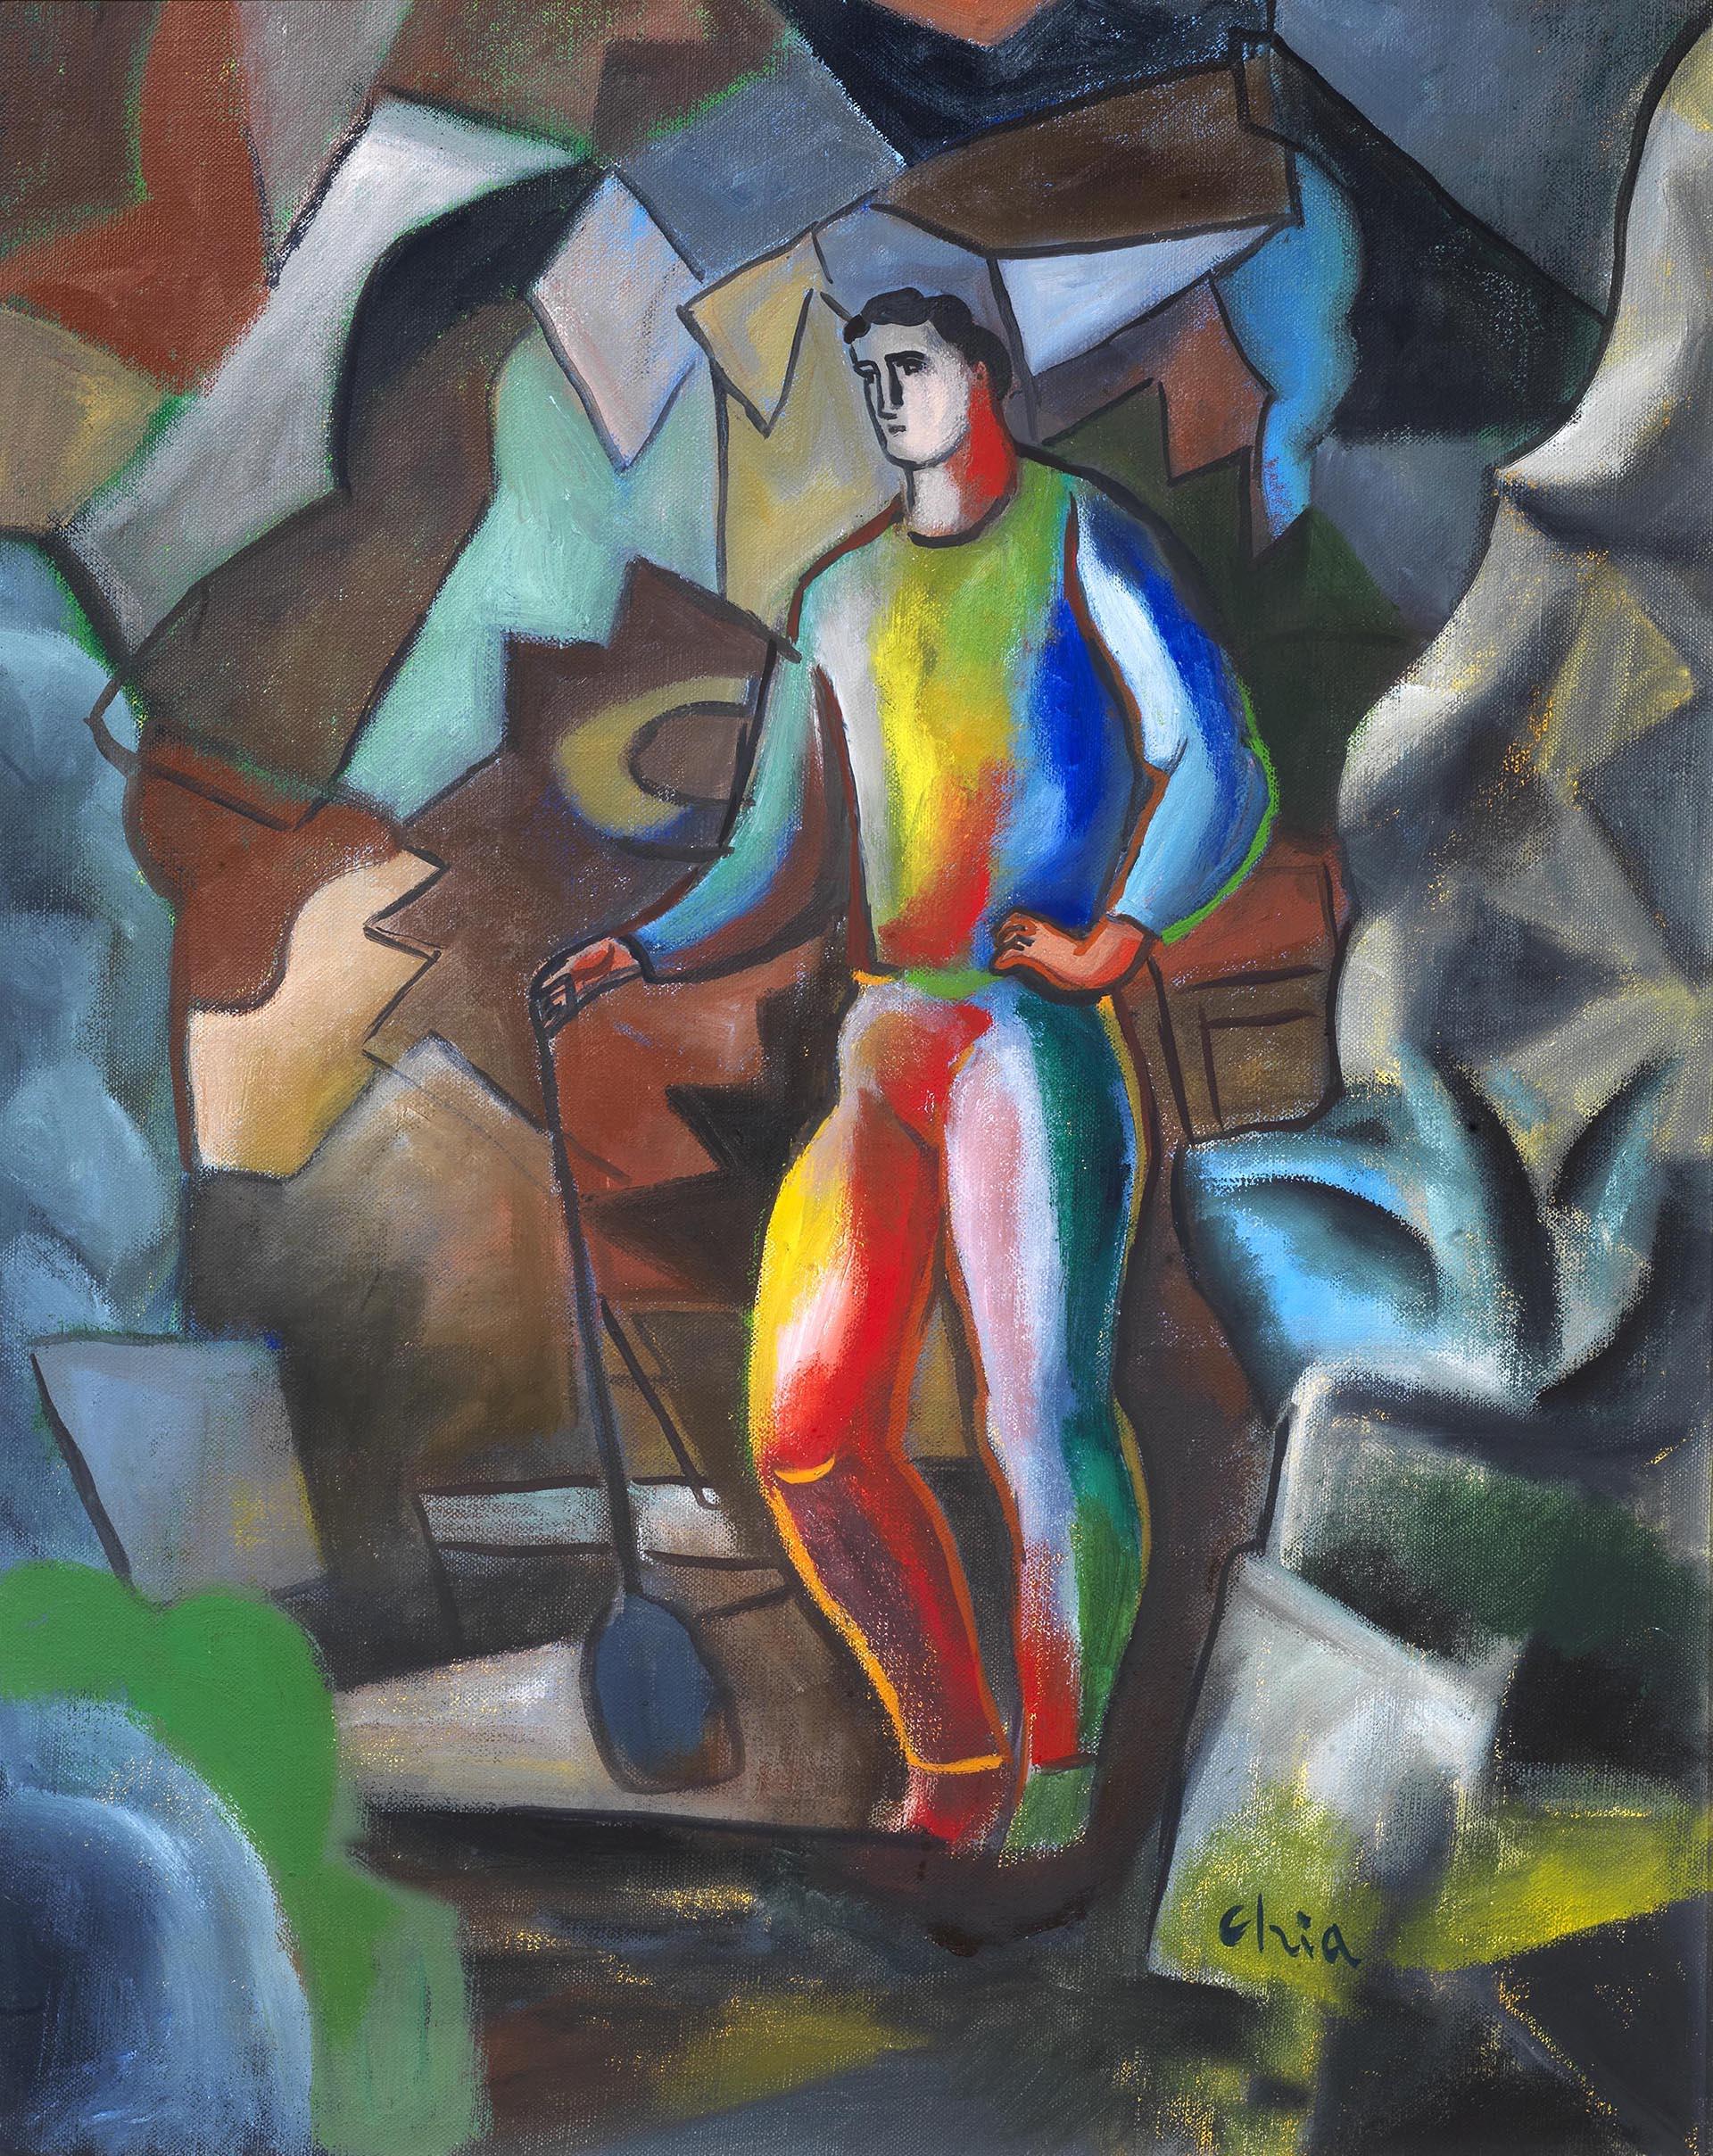 Chia, Al lavoro, 2005, 93x73 cm